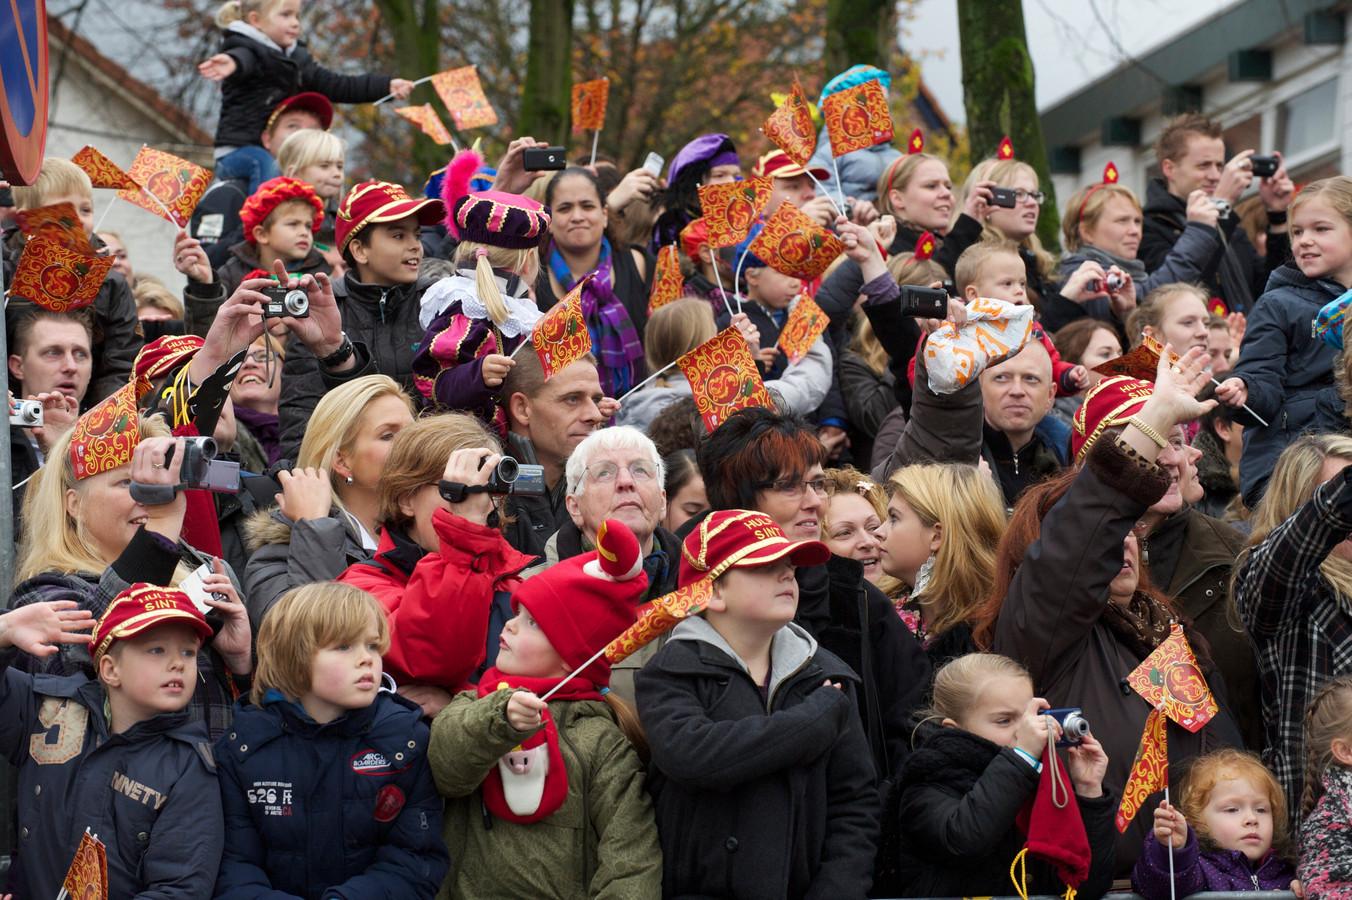 Zo'n 27.000 mensen stonden in 2010 in Harderwijk om de intocht van Sinterklaas mee te maken.